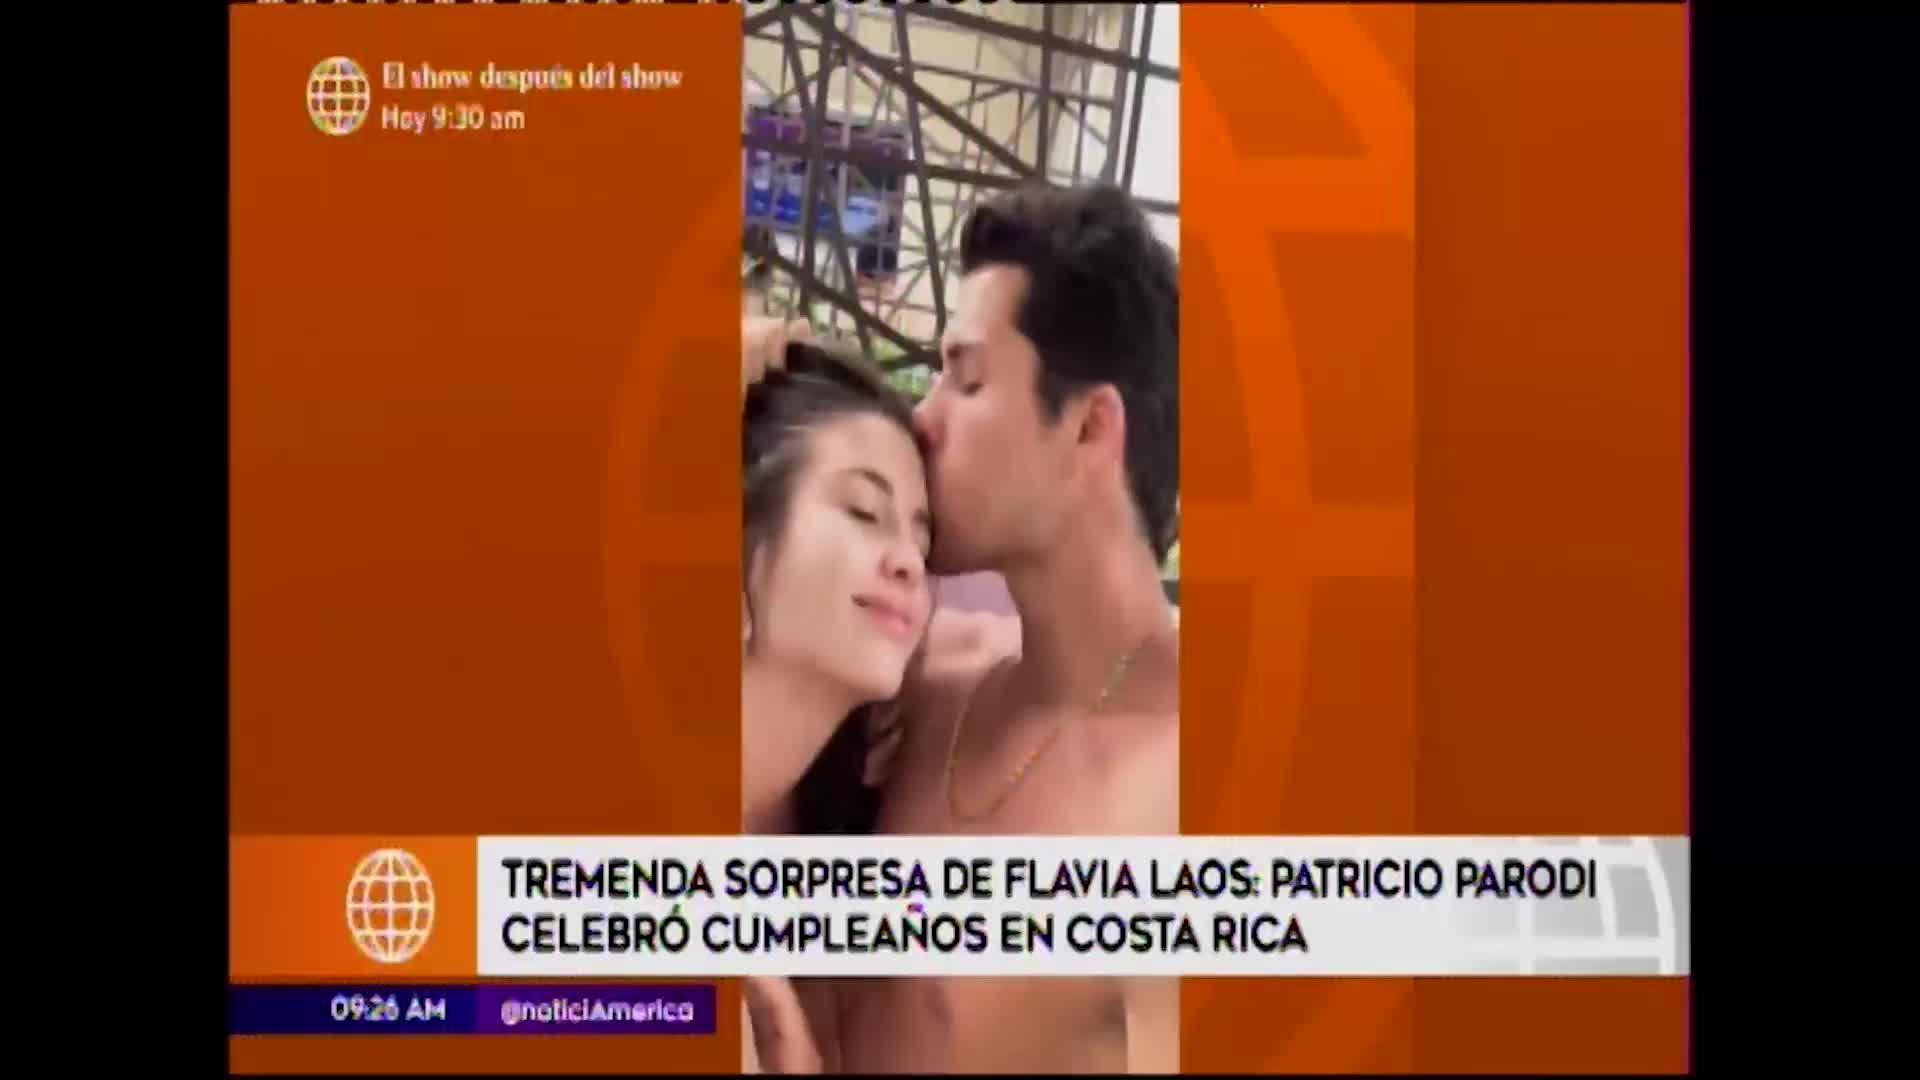 Esto es guerra: Patricio Parodi celebró su cumpleaños en Costa Rica